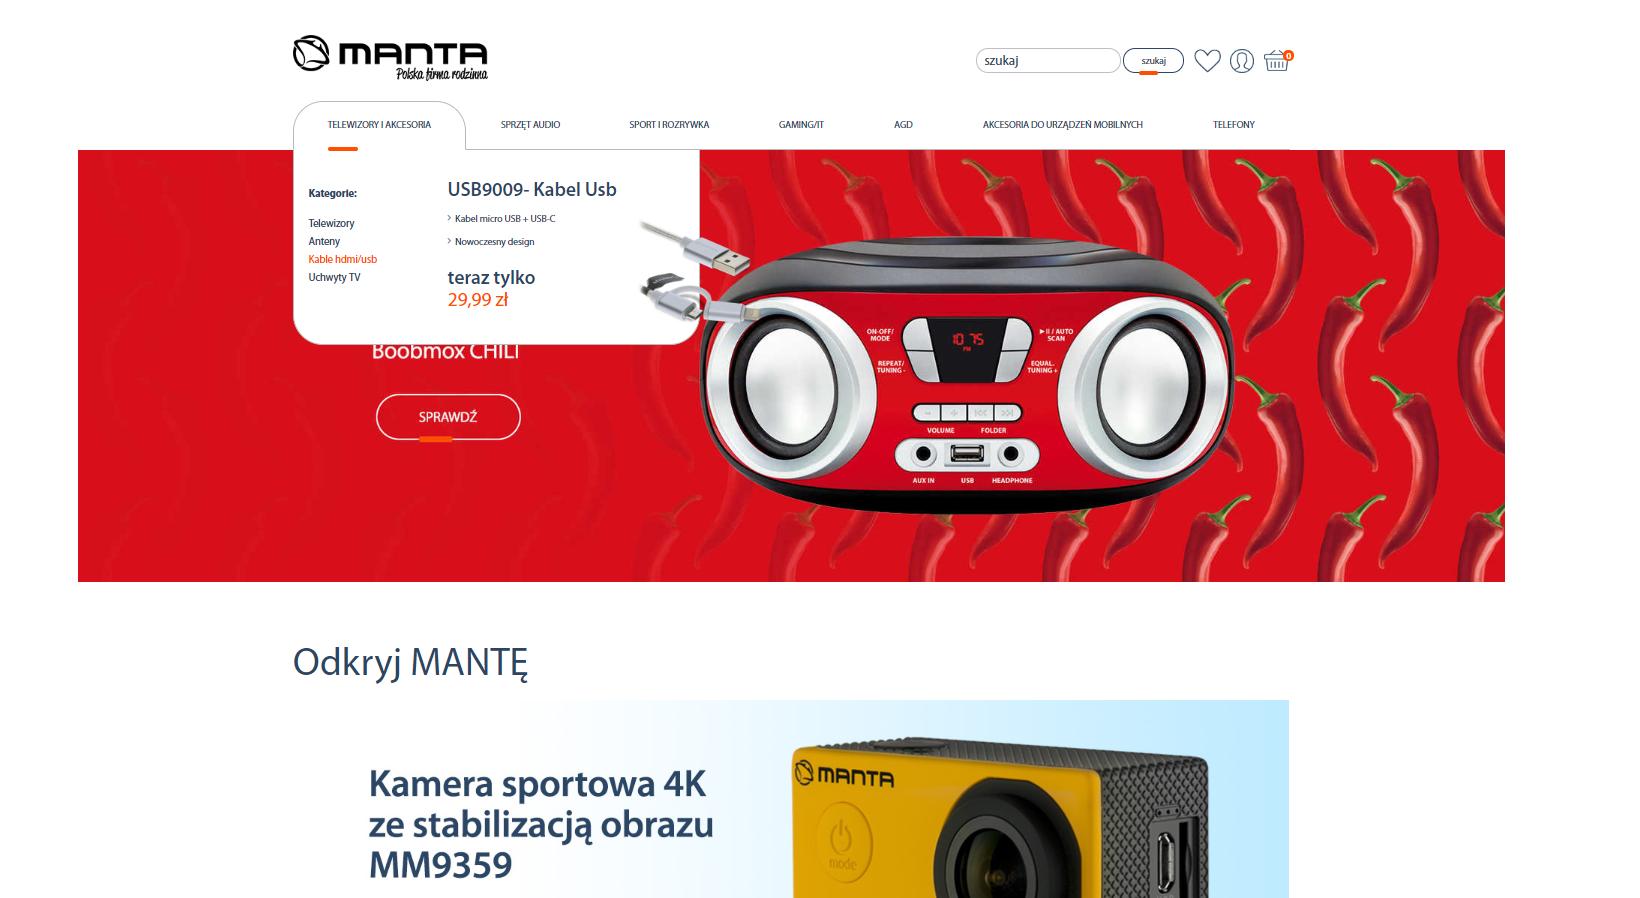 Strona główna Manta Polska